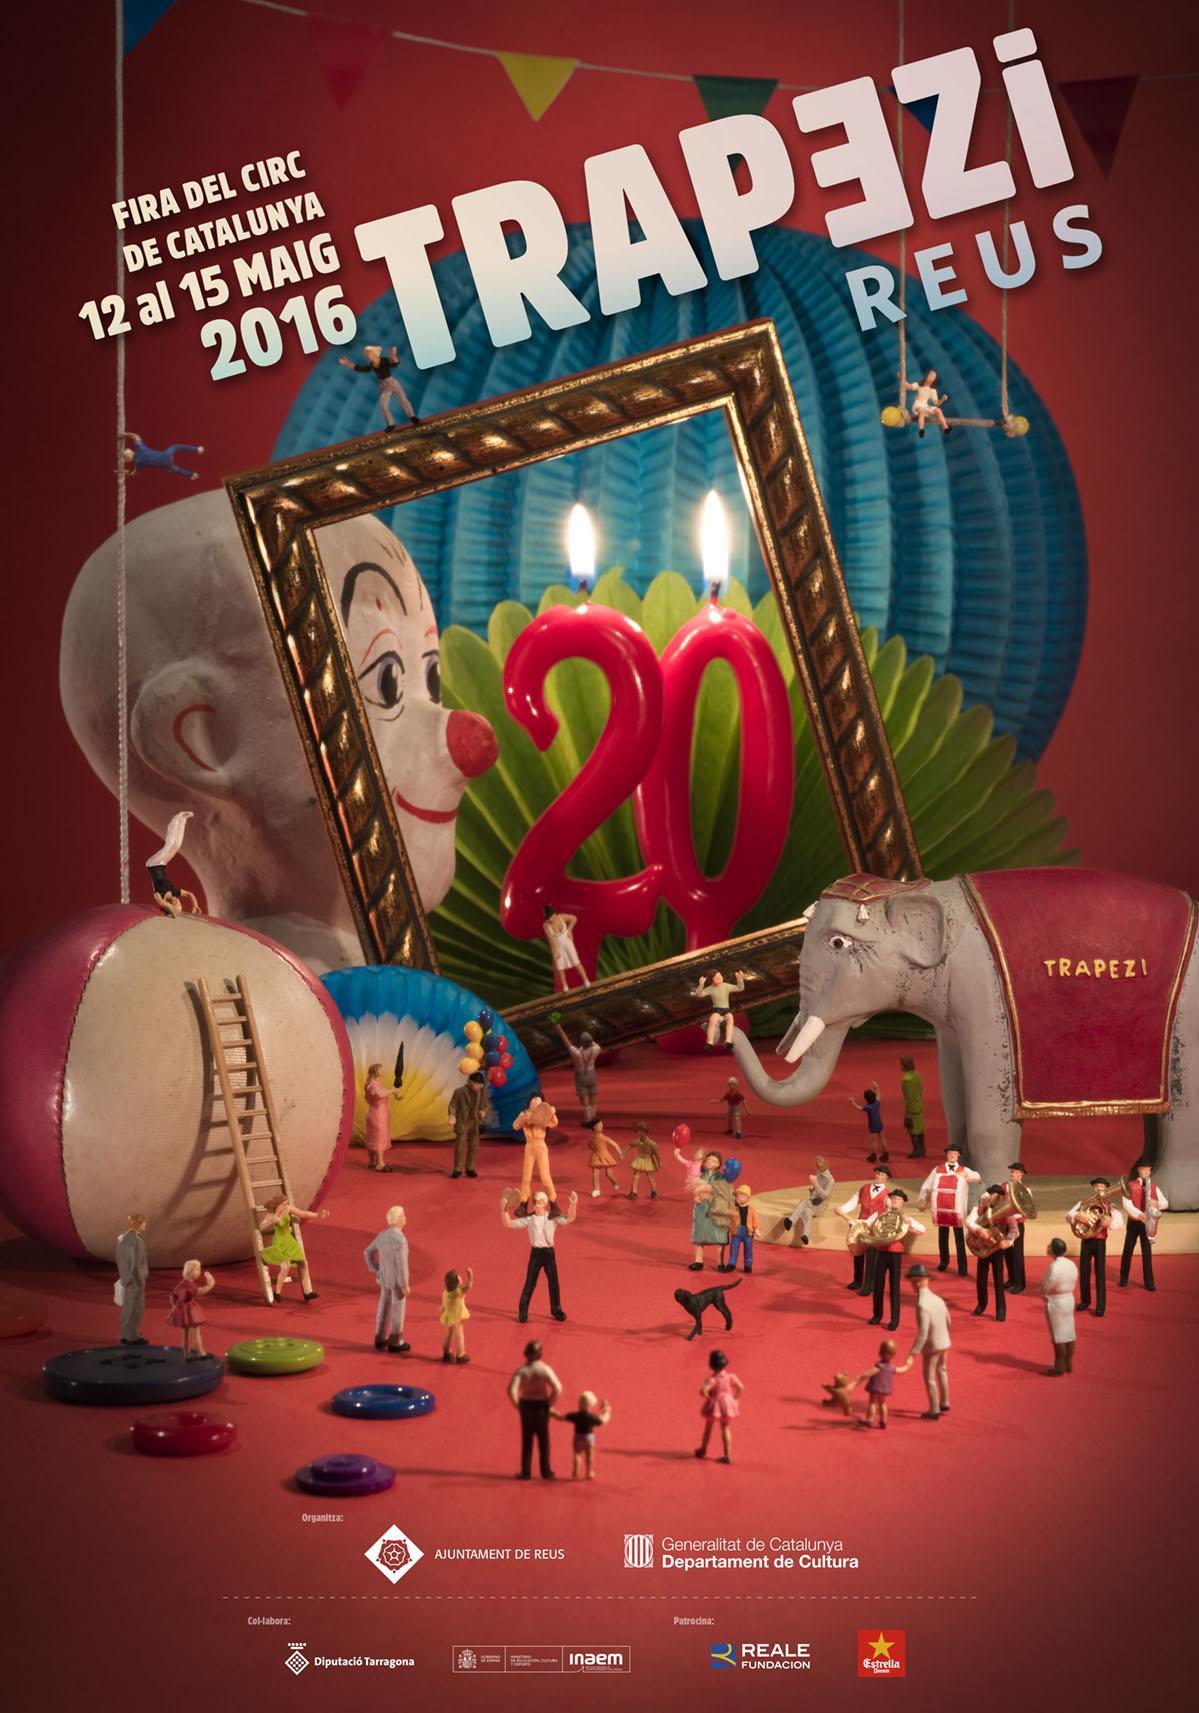 Trapezi. Fira del circ de Catalunya 2016